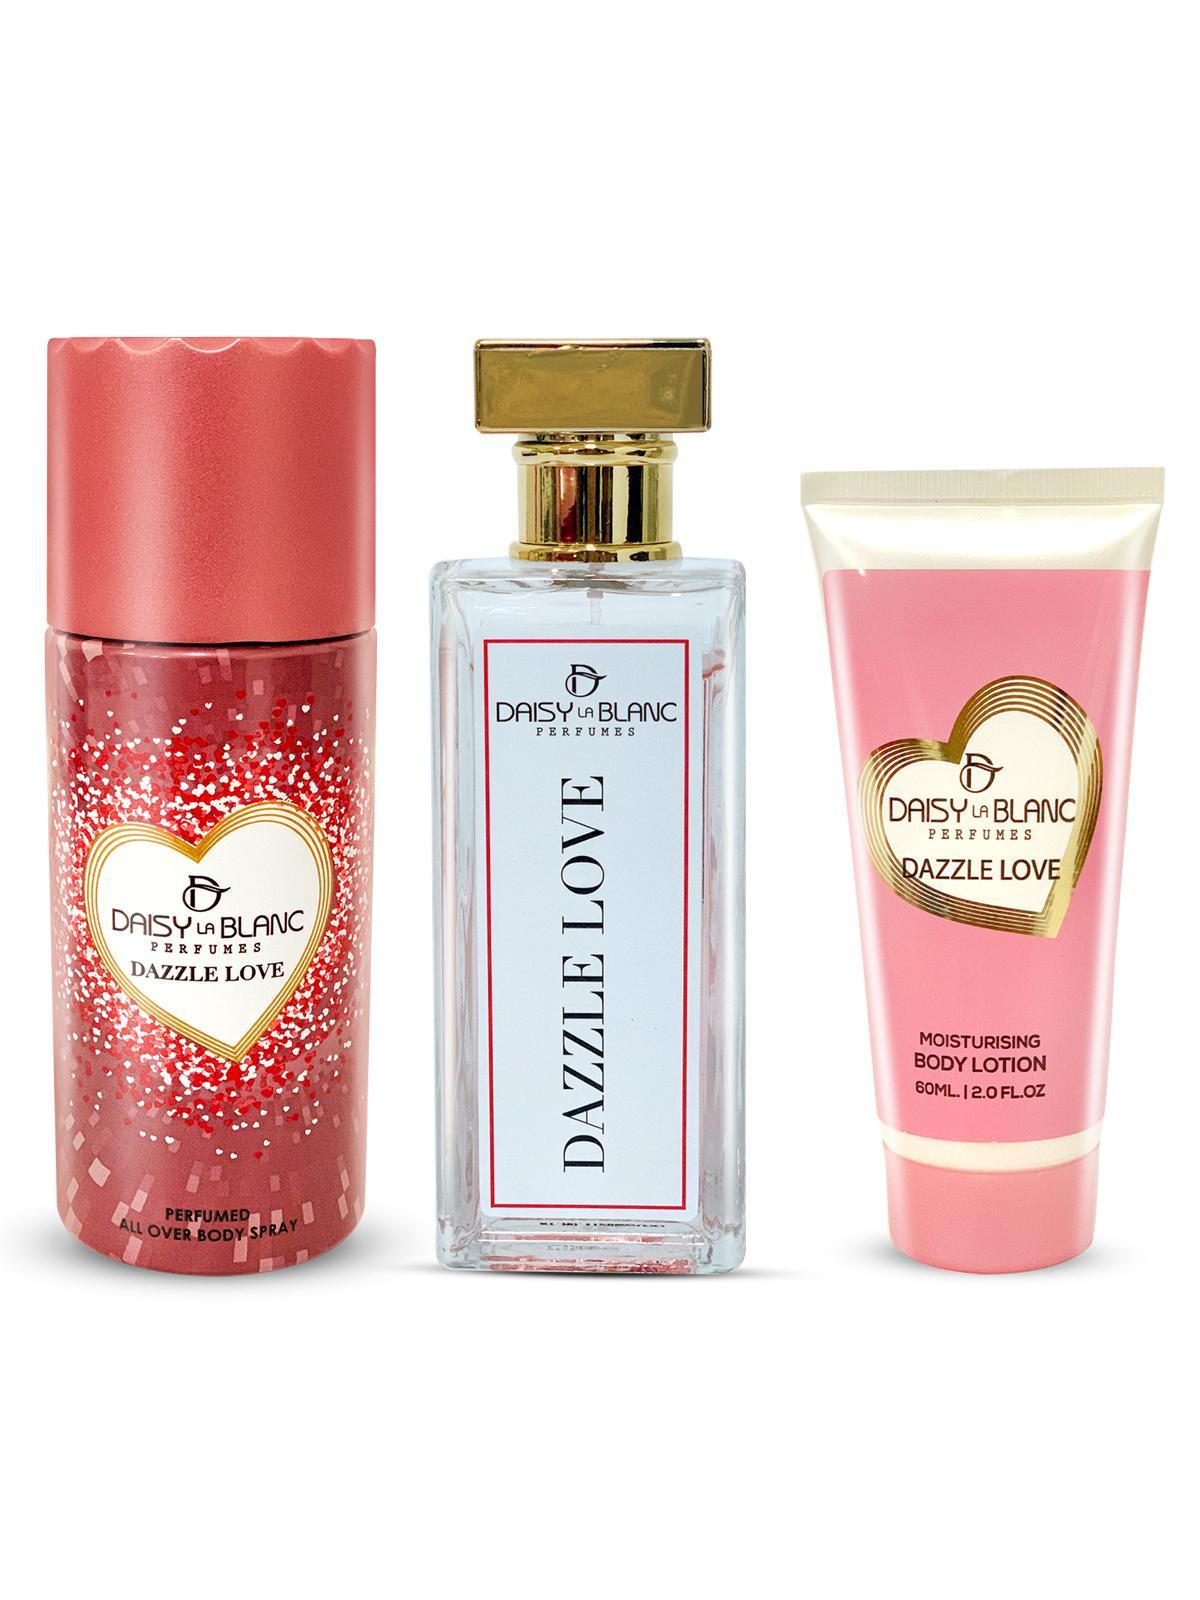 Daisy La Blanc Dazzle Love Limited Edition For Women Pour Femme Eau De Parfum 80ML Set